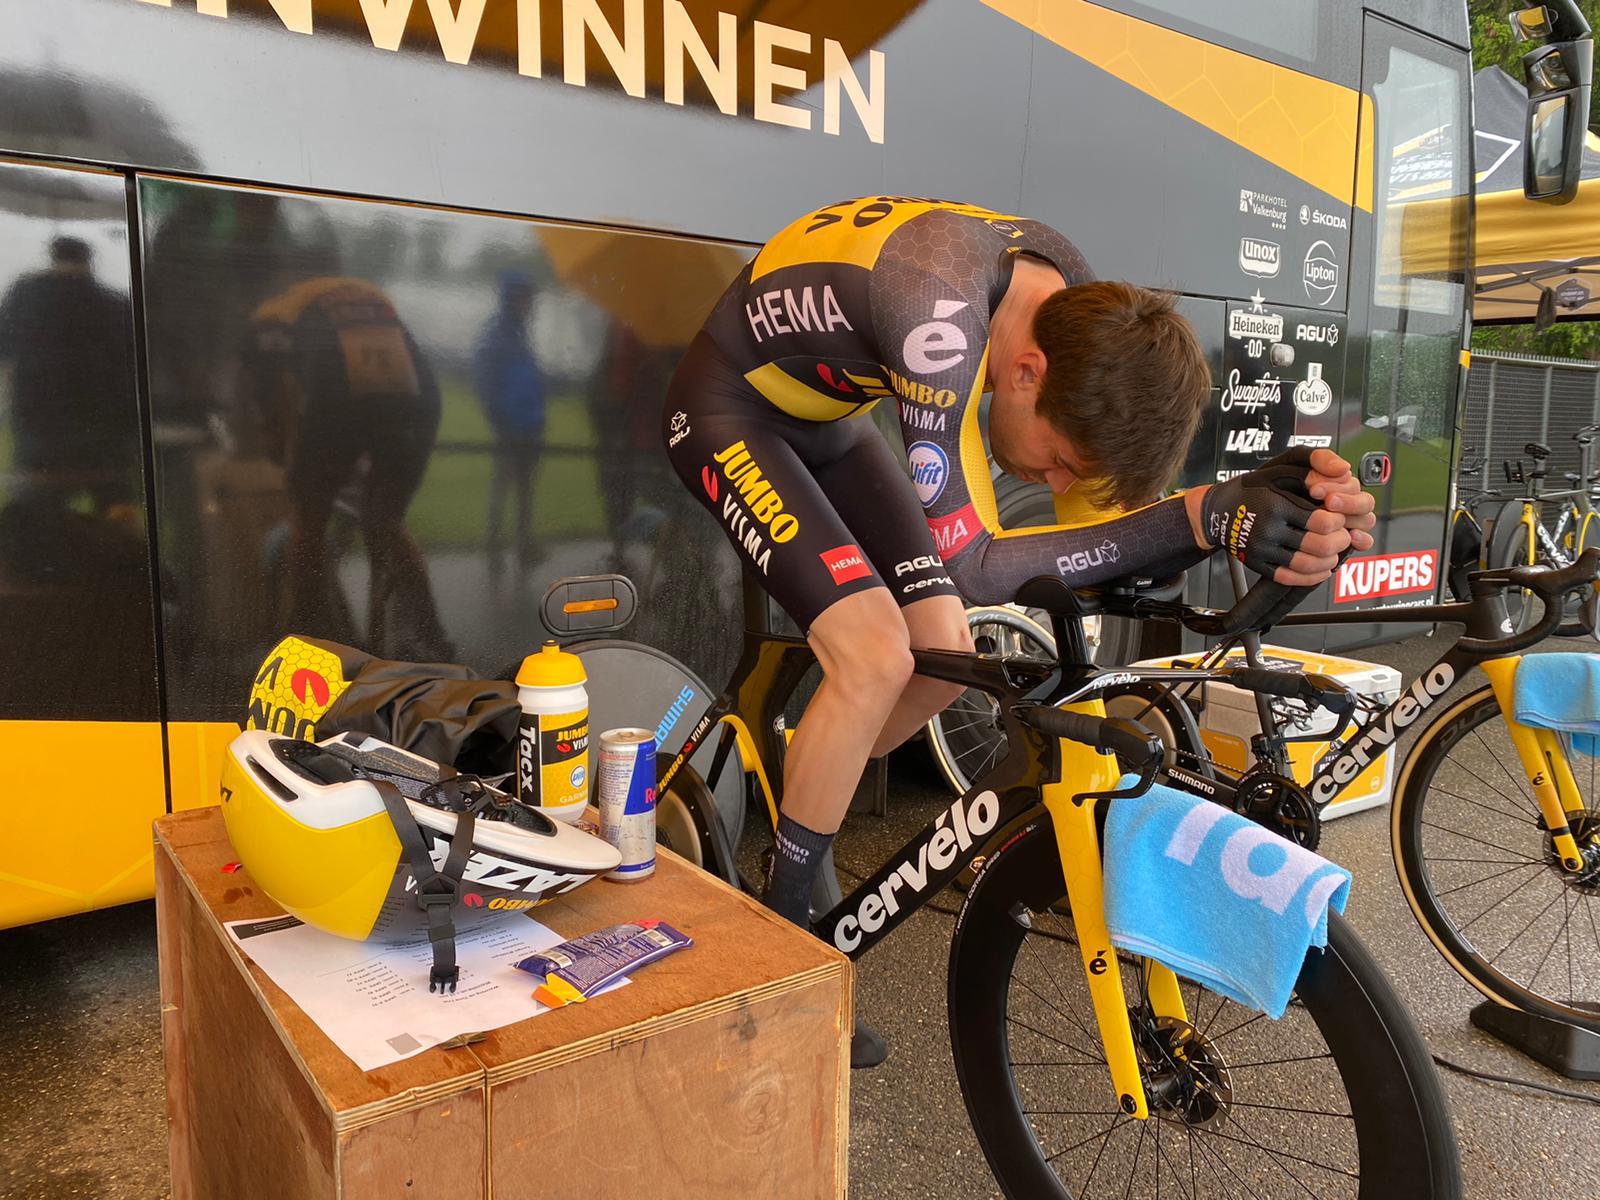 Стефан Кюнг выиграл первый этап велогонки «Тур Швейцарии»